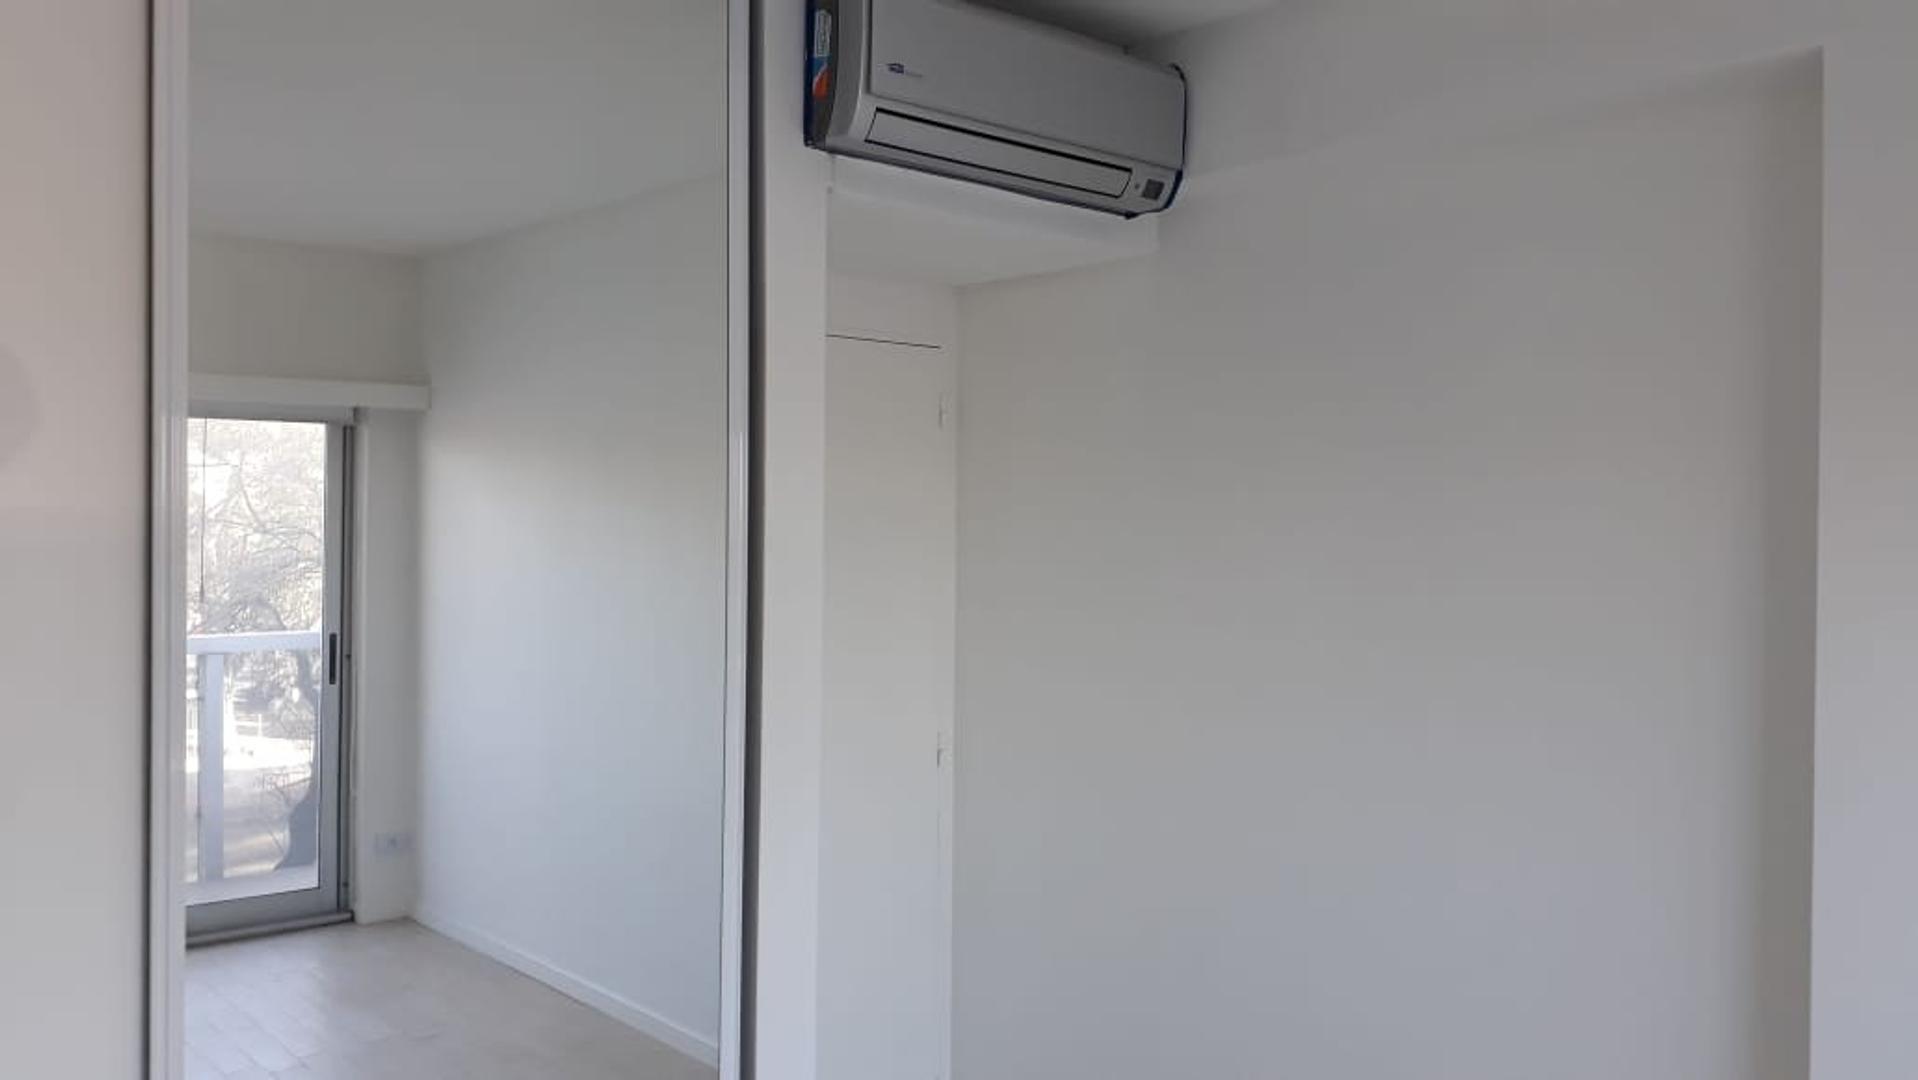 H. YRIGOYEN 400, Piso 1 - 3 ambientes con cochera